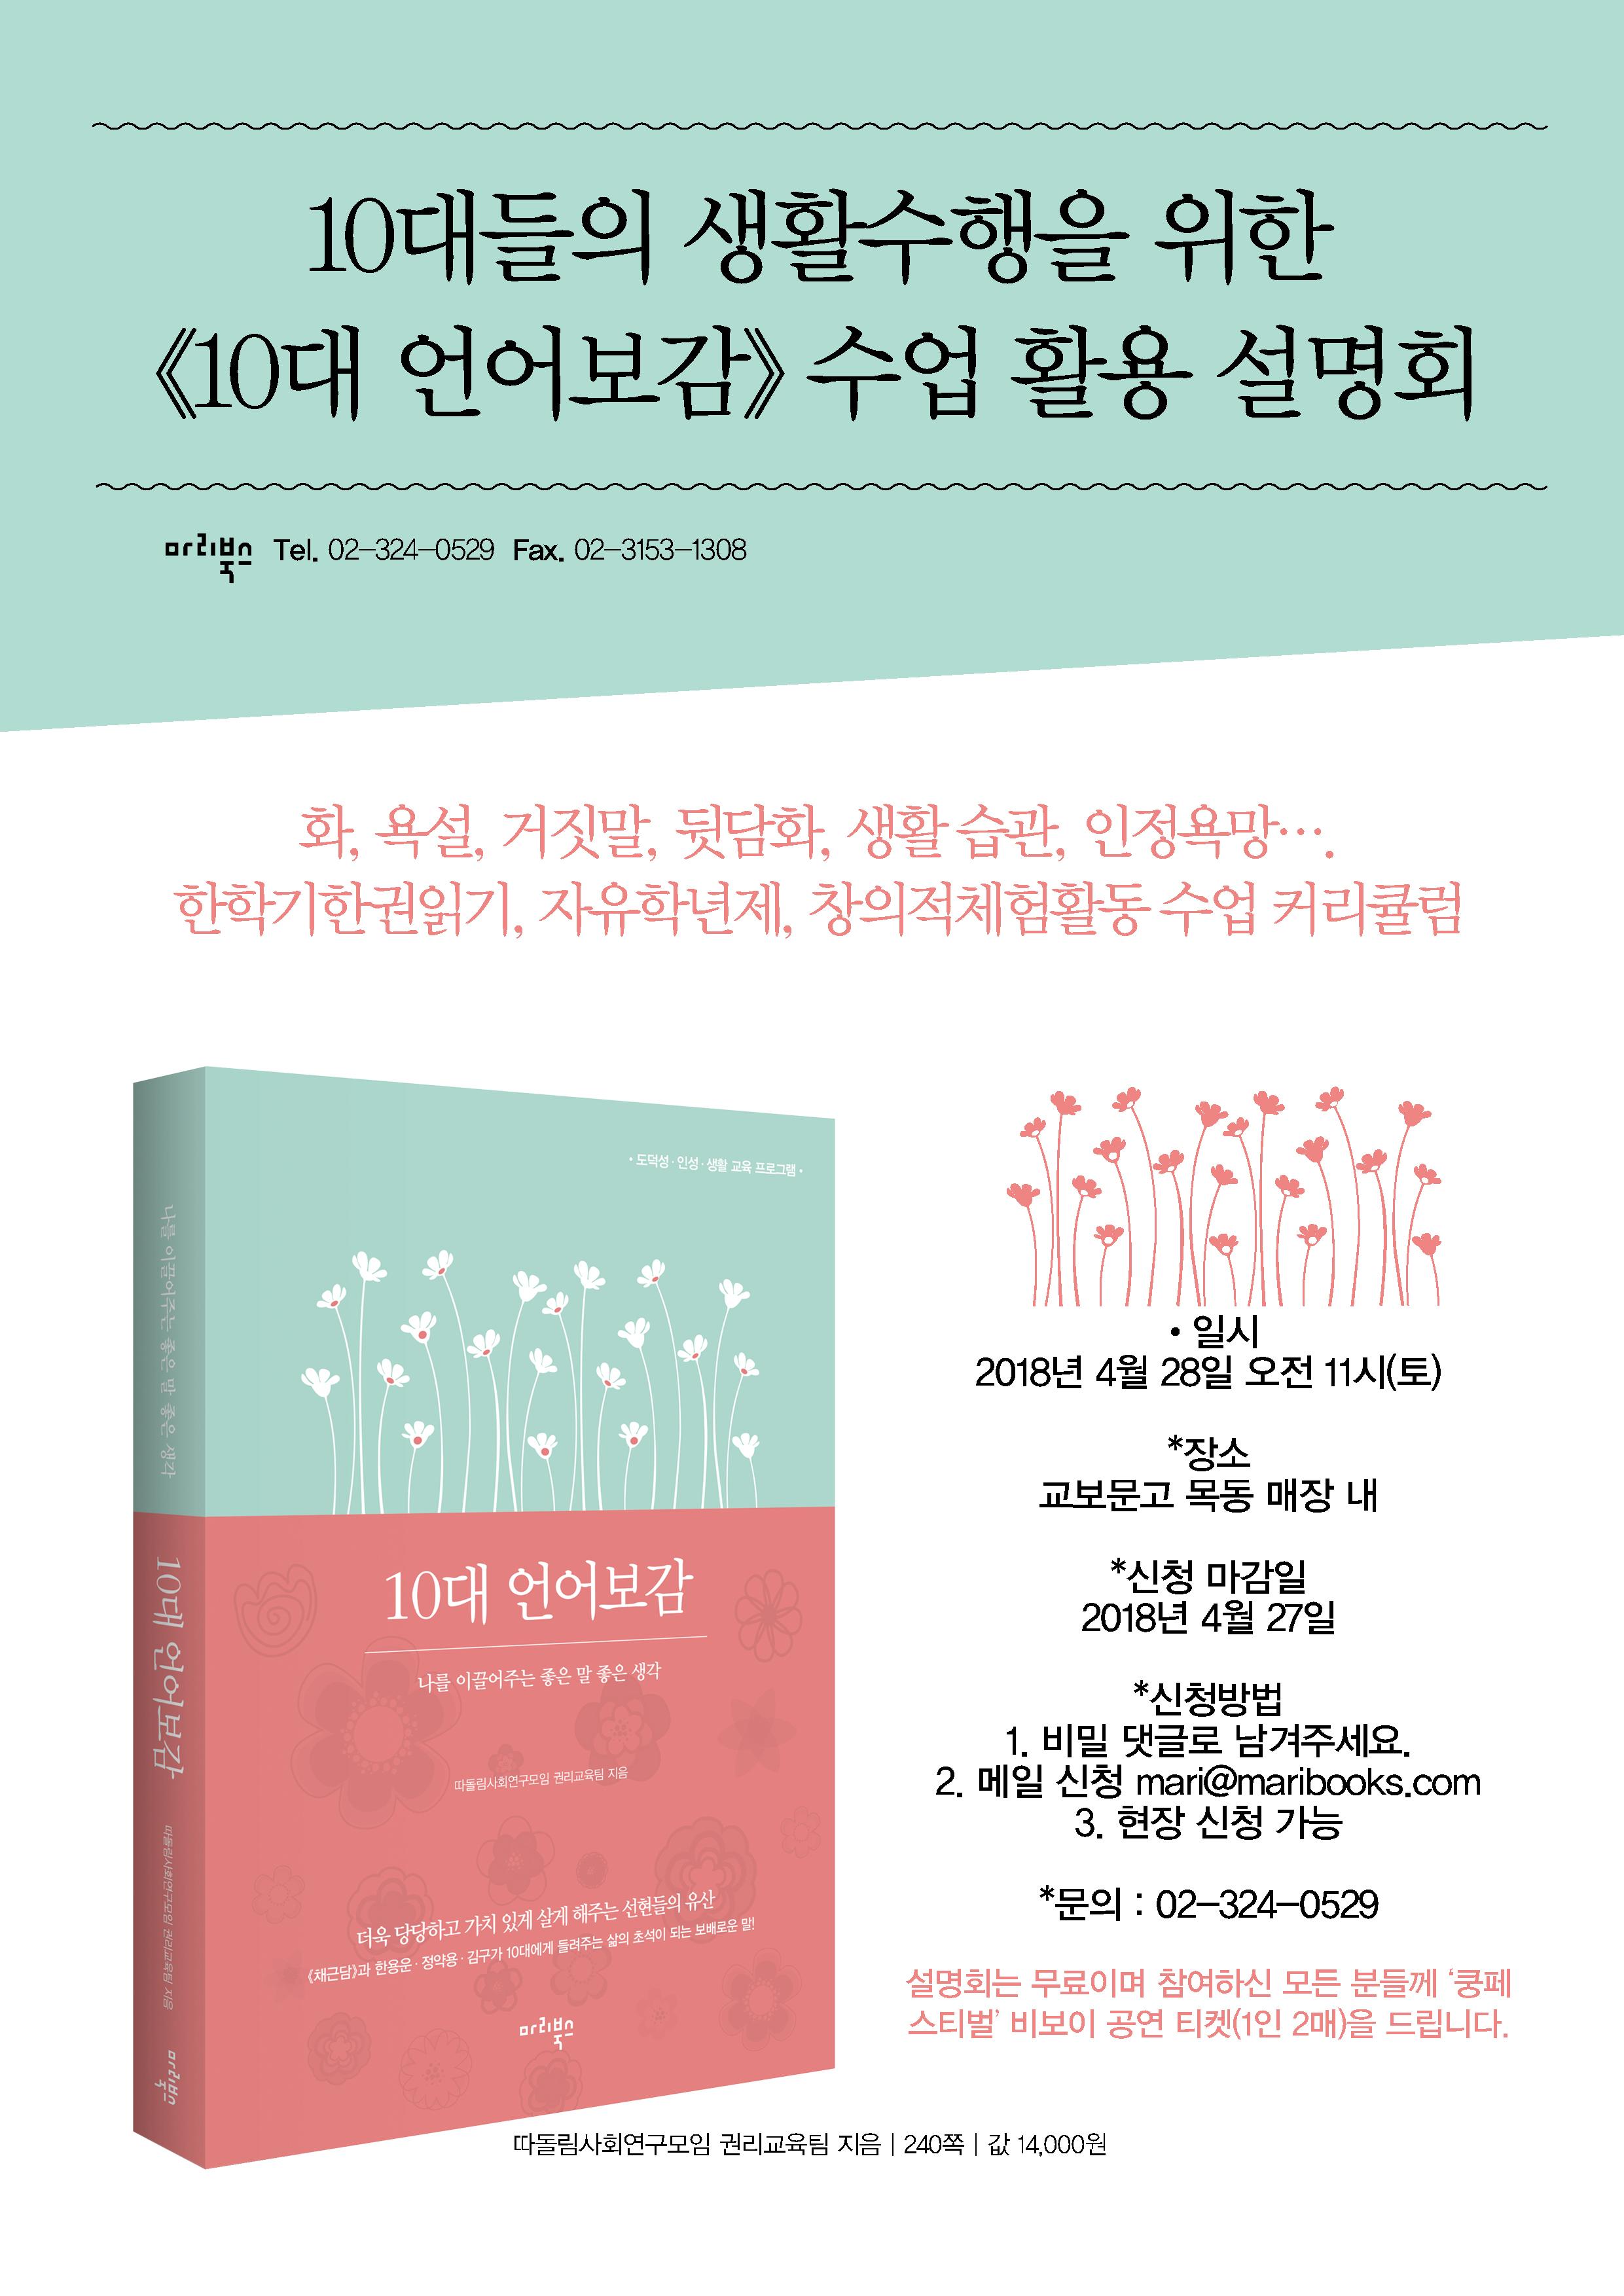 10대 언어보감 목동설명회_수업 커리큘럼.jpg